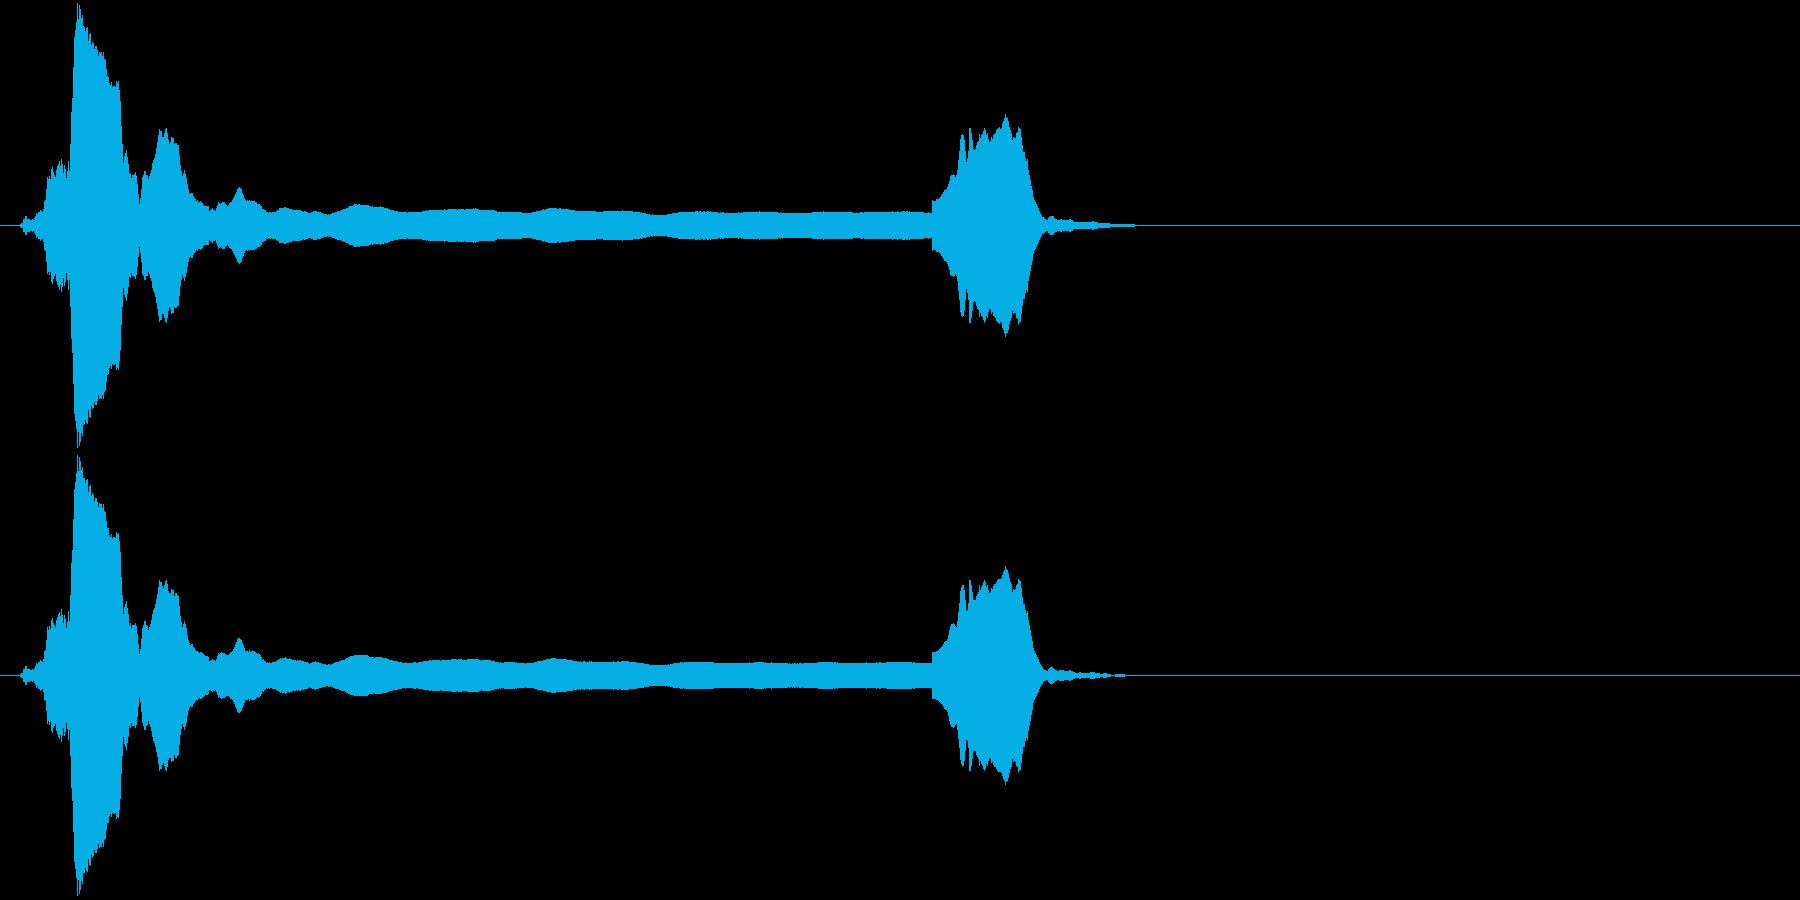 音侍SE「ピィーピッ」能管ひしぎ、短めの再生済みの波形